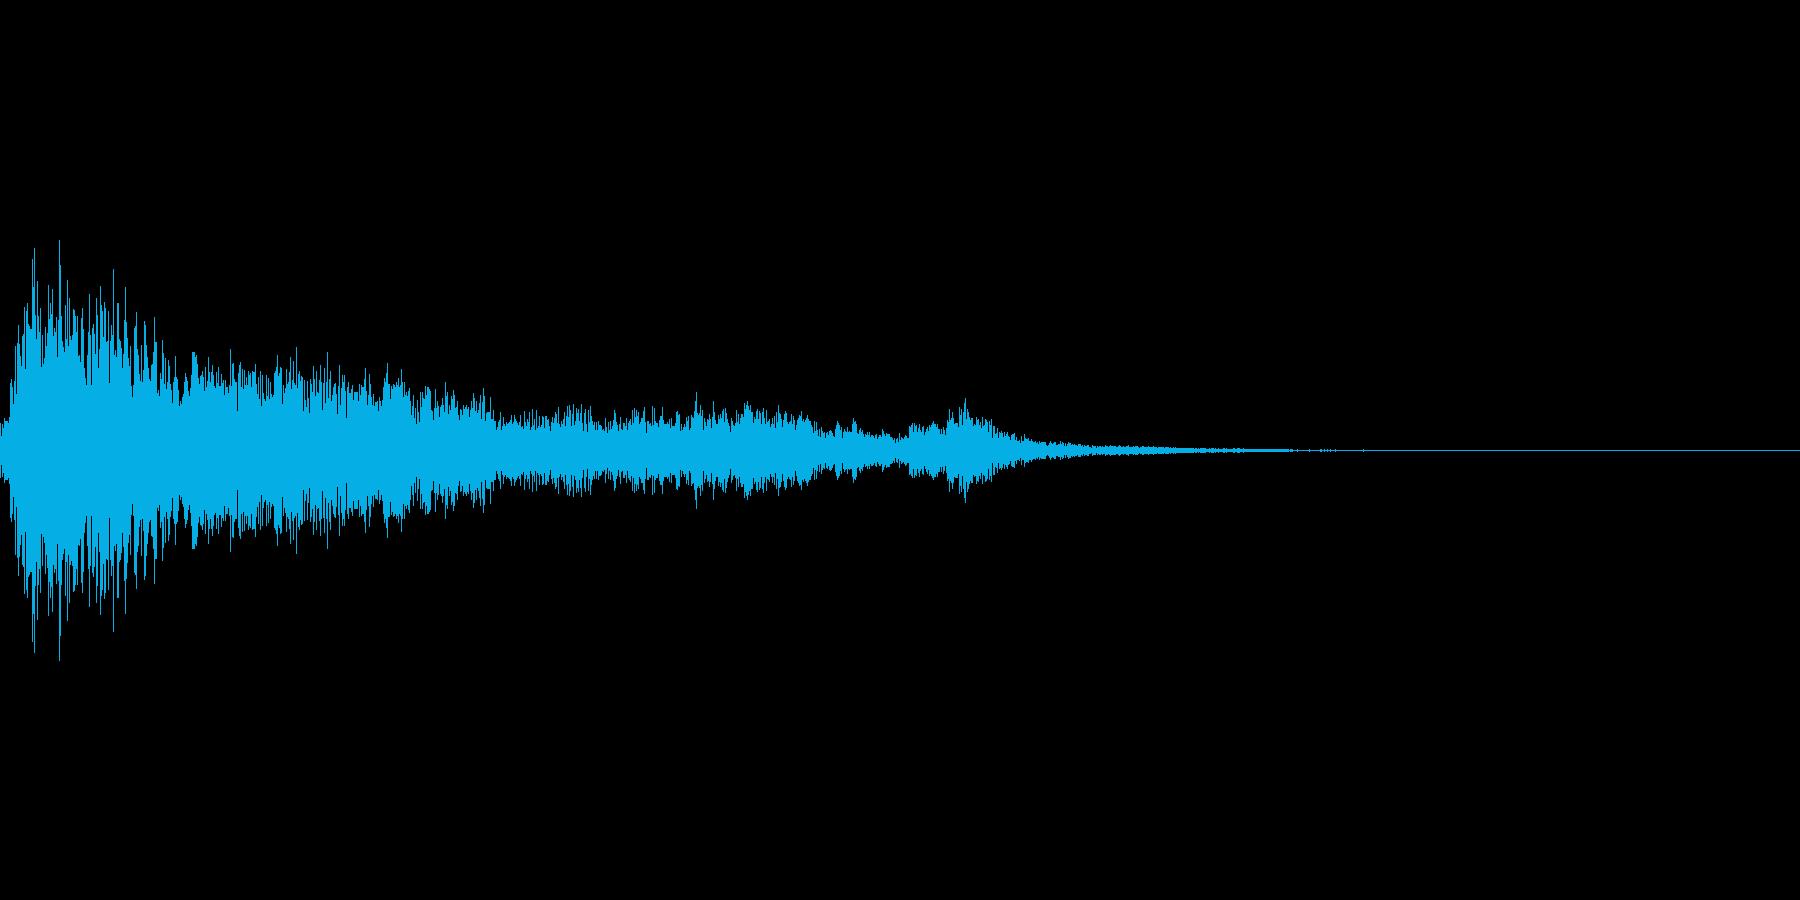 キュイーンと気づく音の再生済みの波形